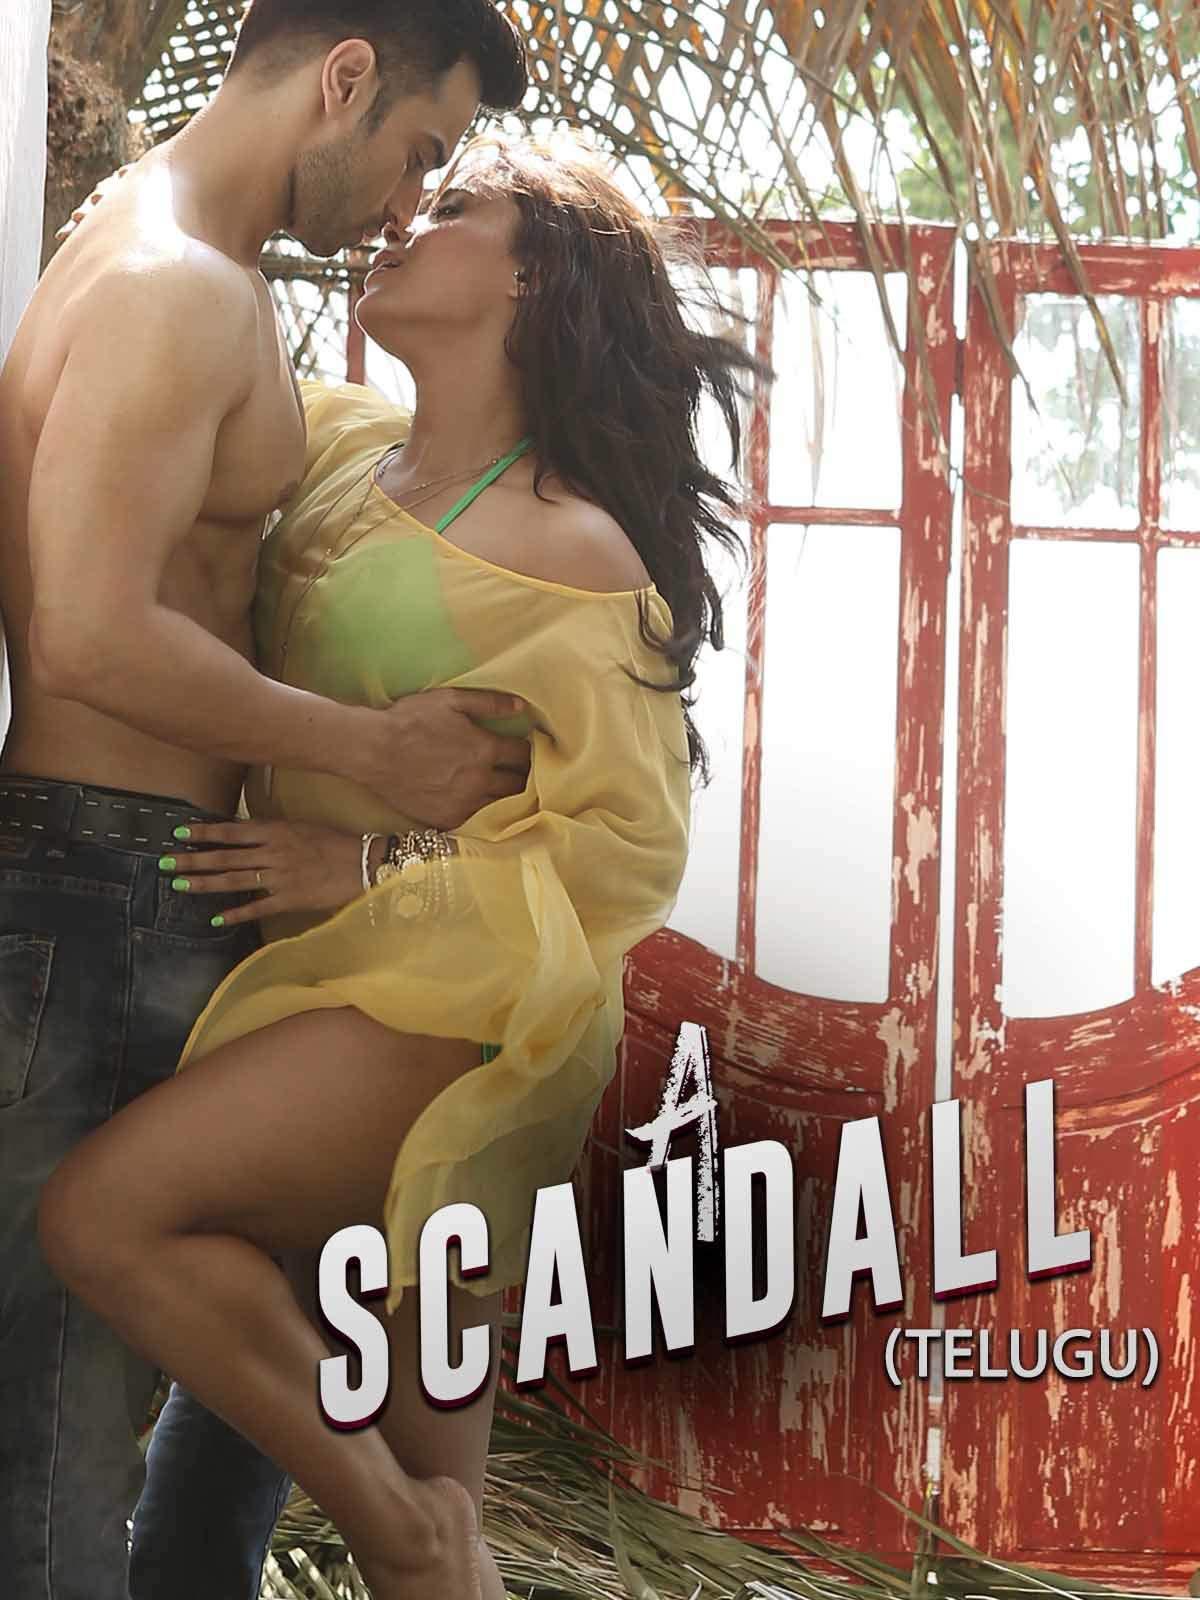 A Scandall (Telugu)